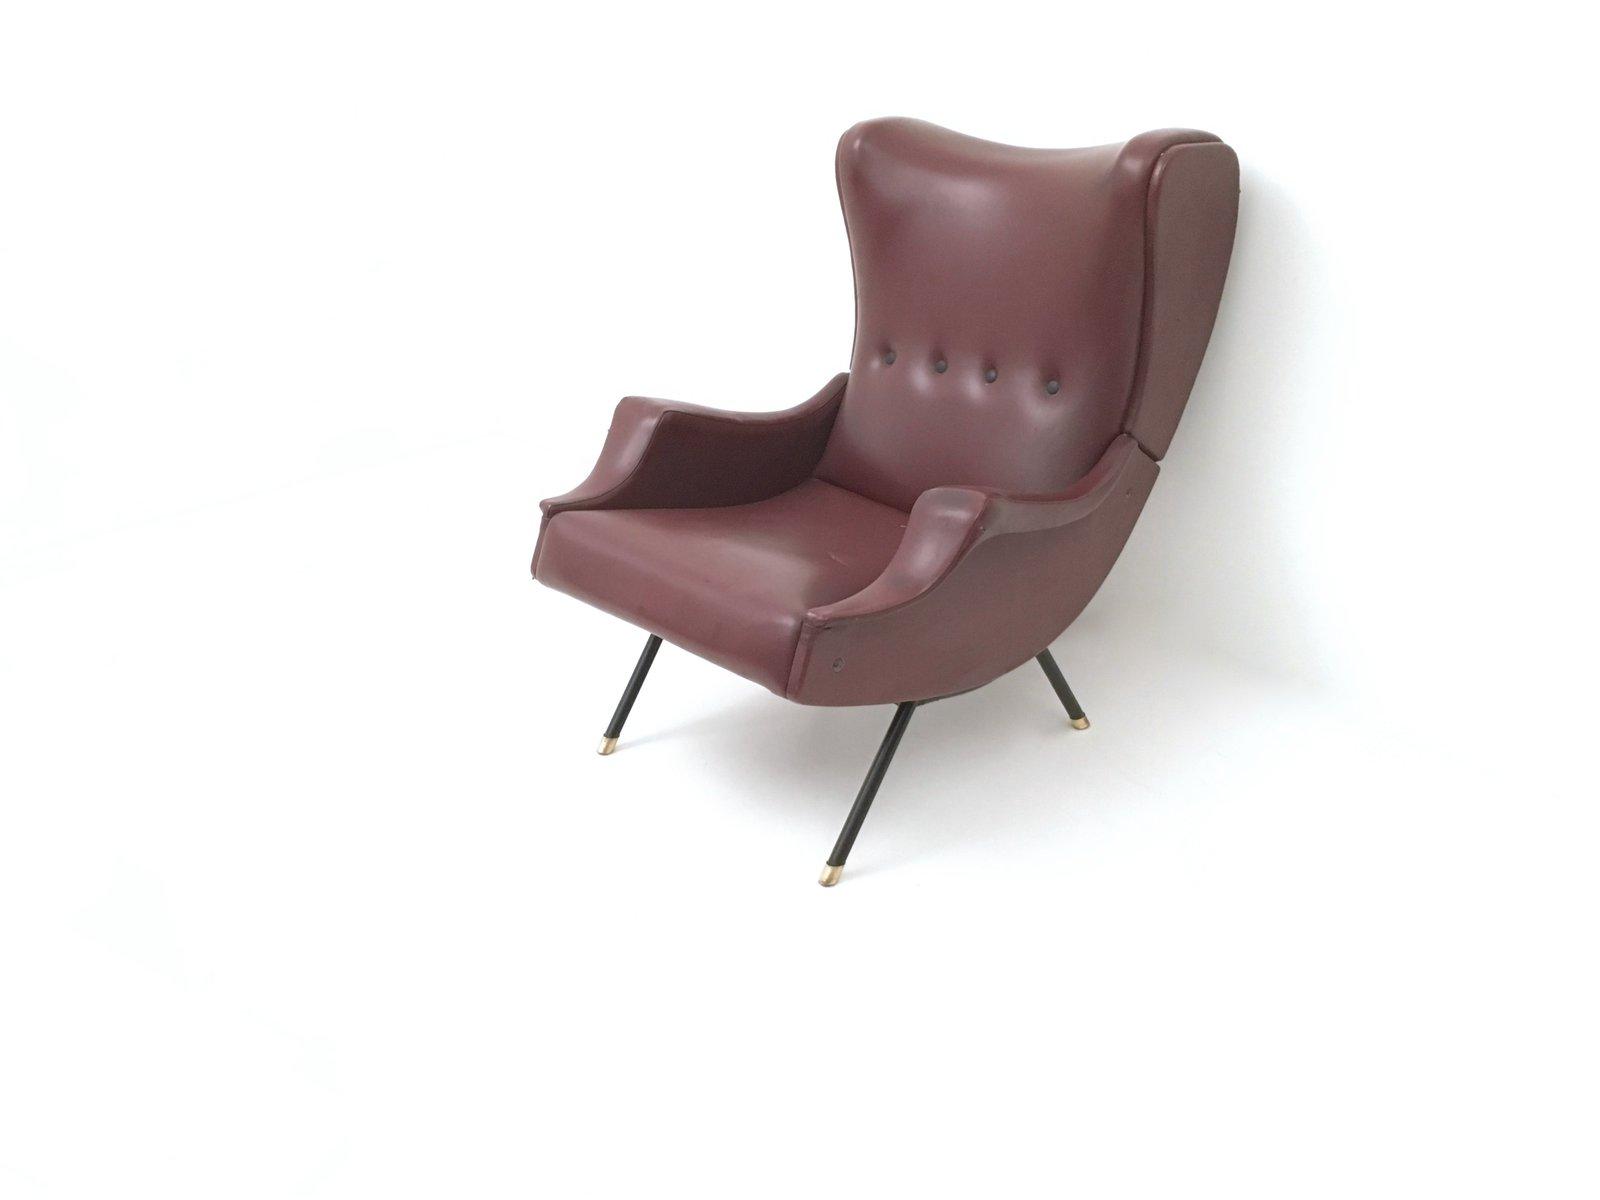 Messing & Metall Sessel, 1950er